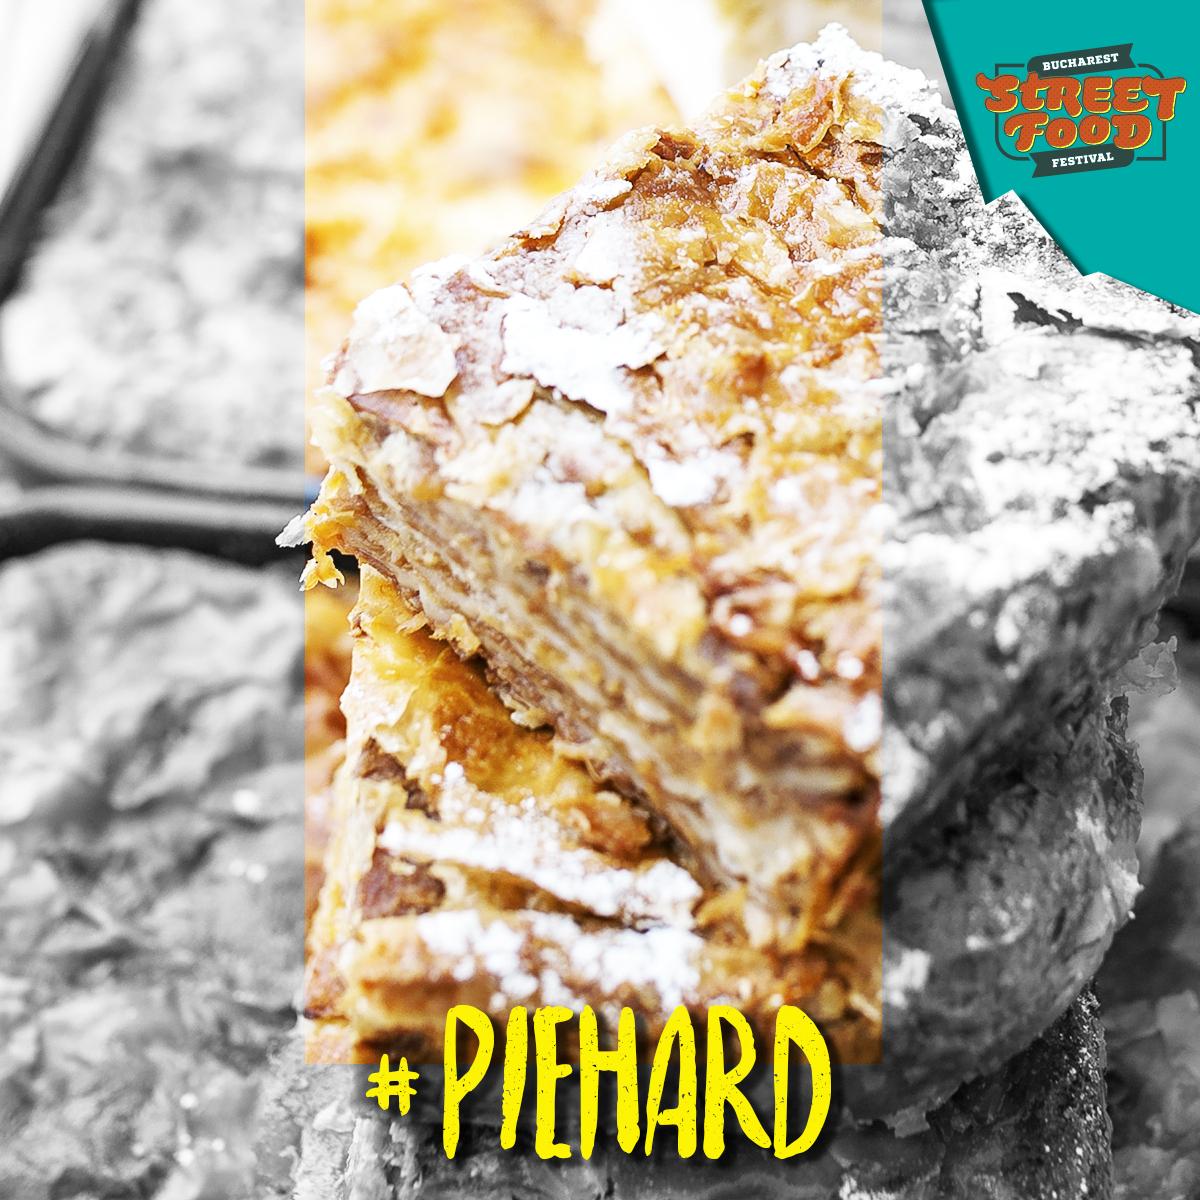 #piehard